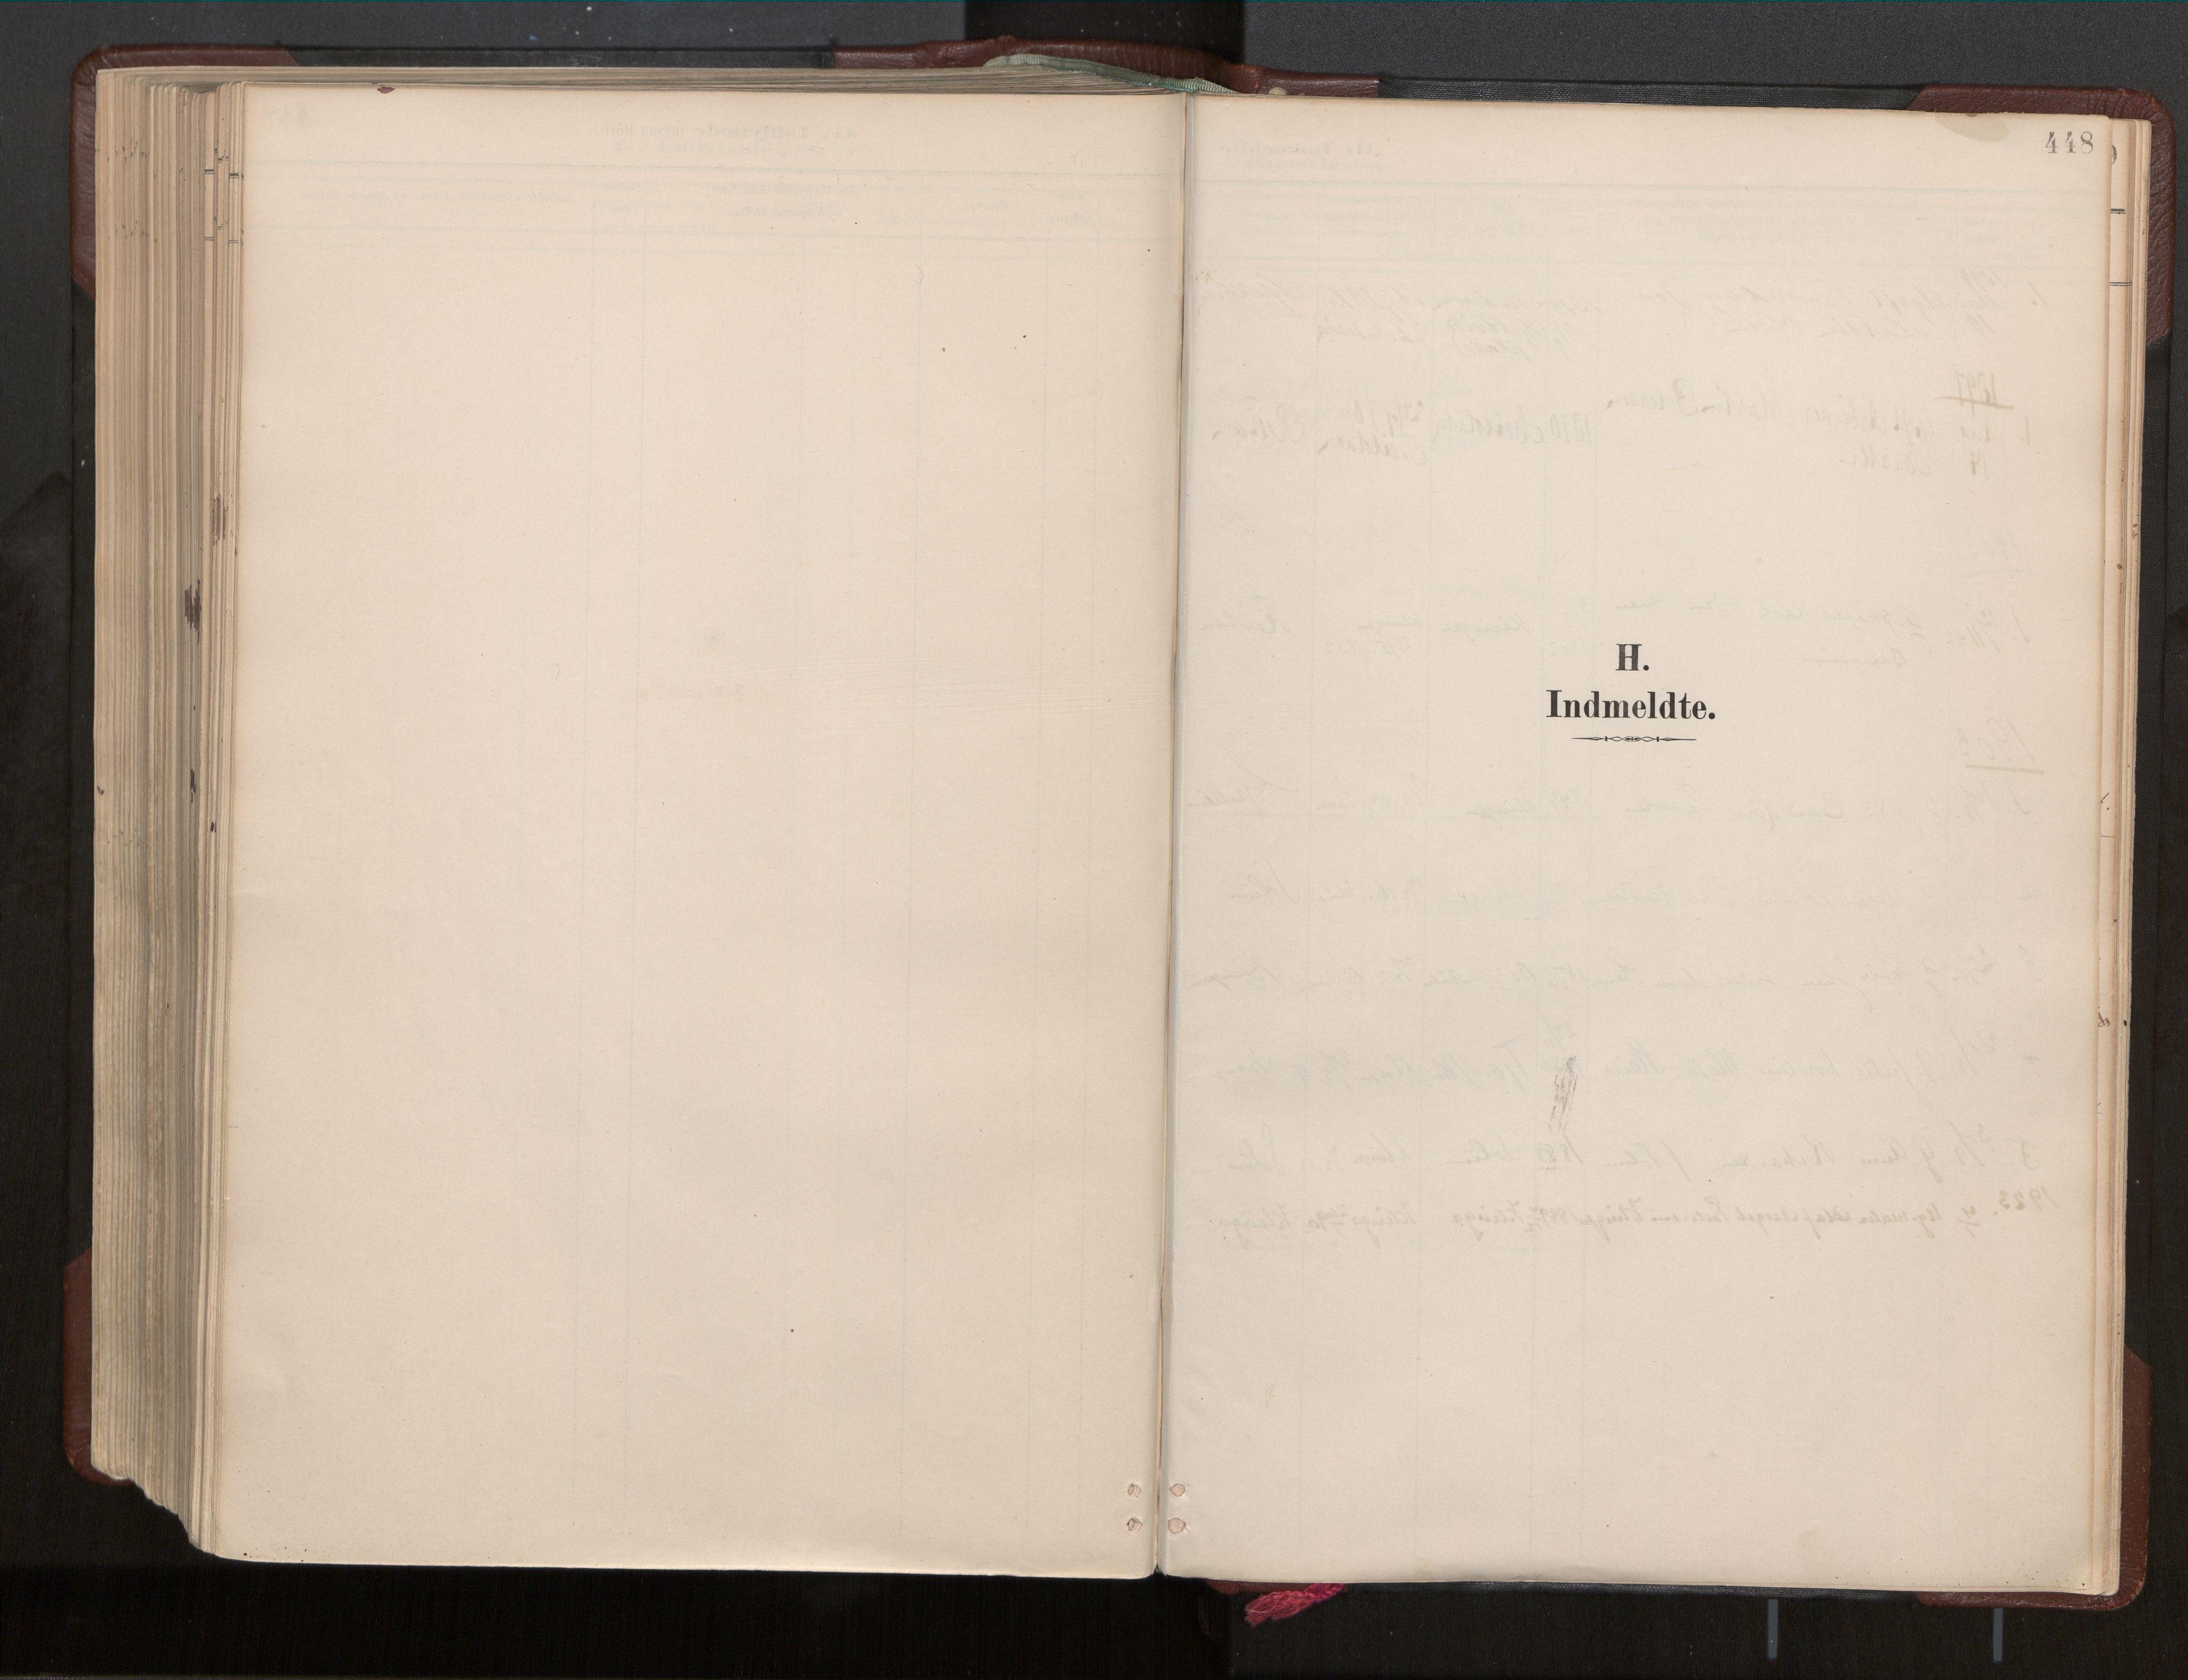 SAT, Ministerialprotokoller, klokkerbøker og fødselsregistre - Nord-Trøndelag, 770/L0589: Ministerialbok nr. 770A03, 1887-1929, s. 448